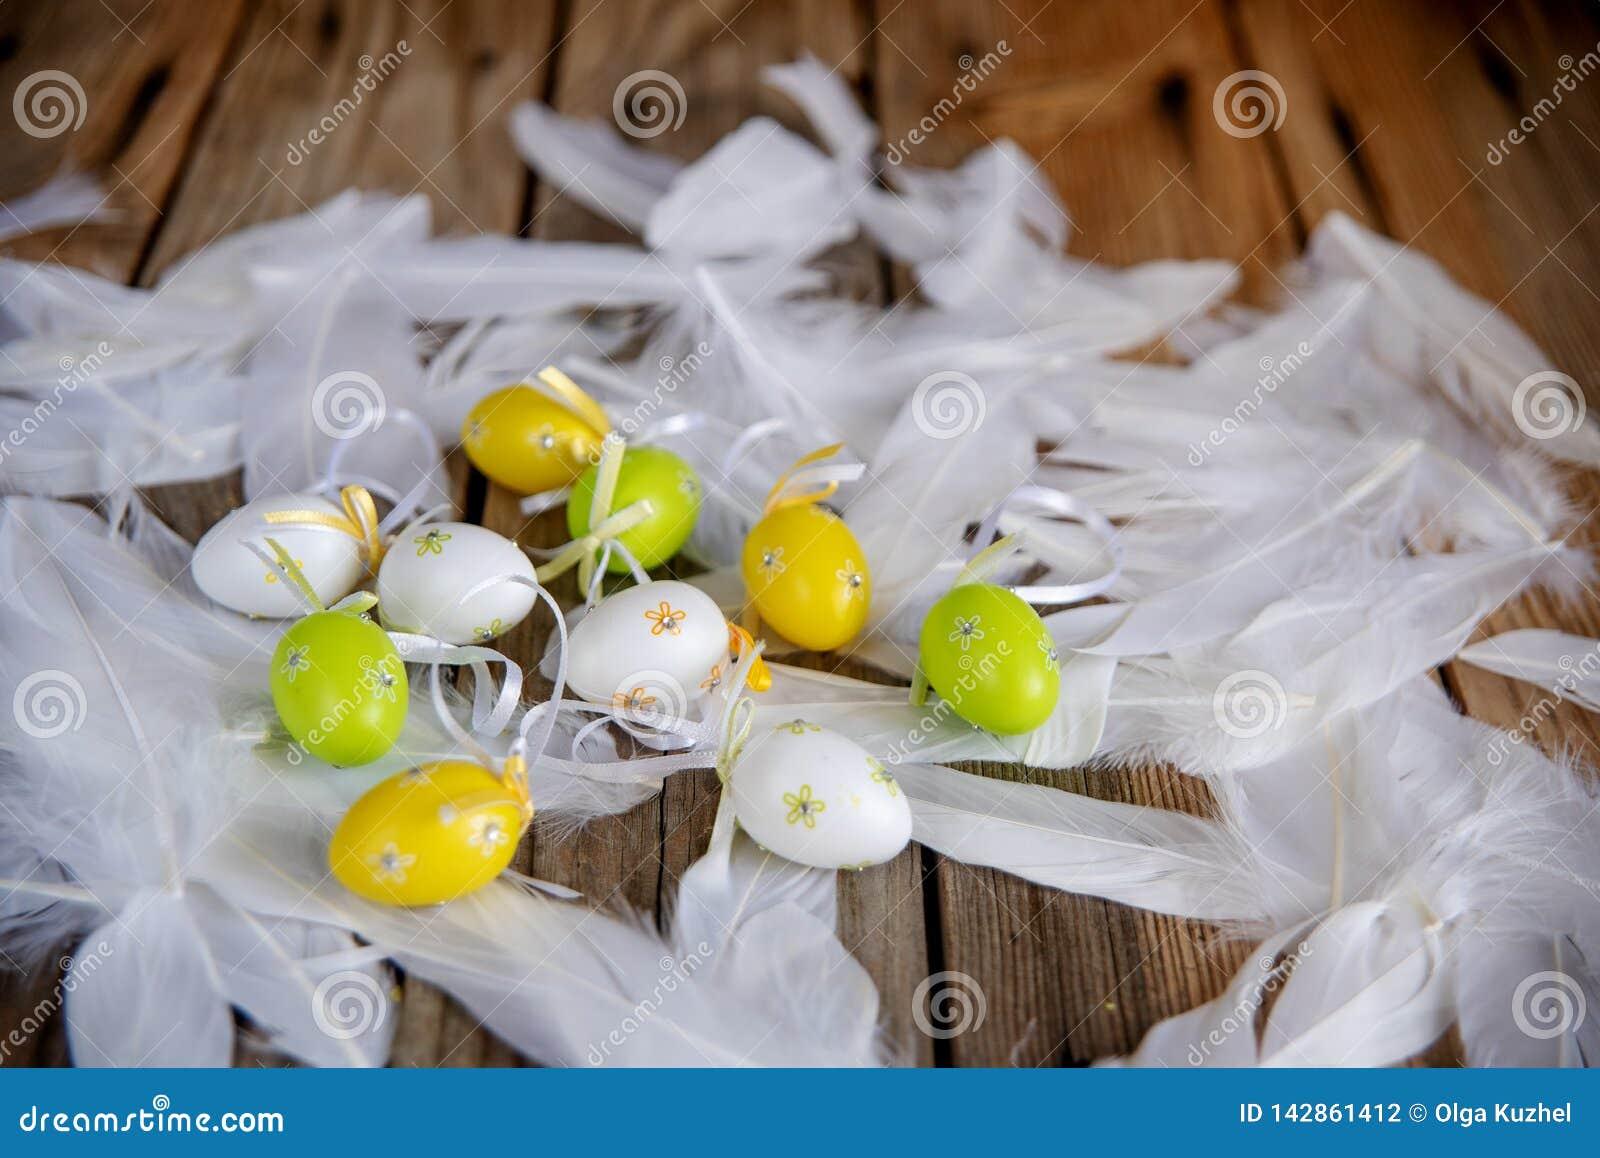 Uova di Pasqua decorative con le piume bianche su fondo di legno